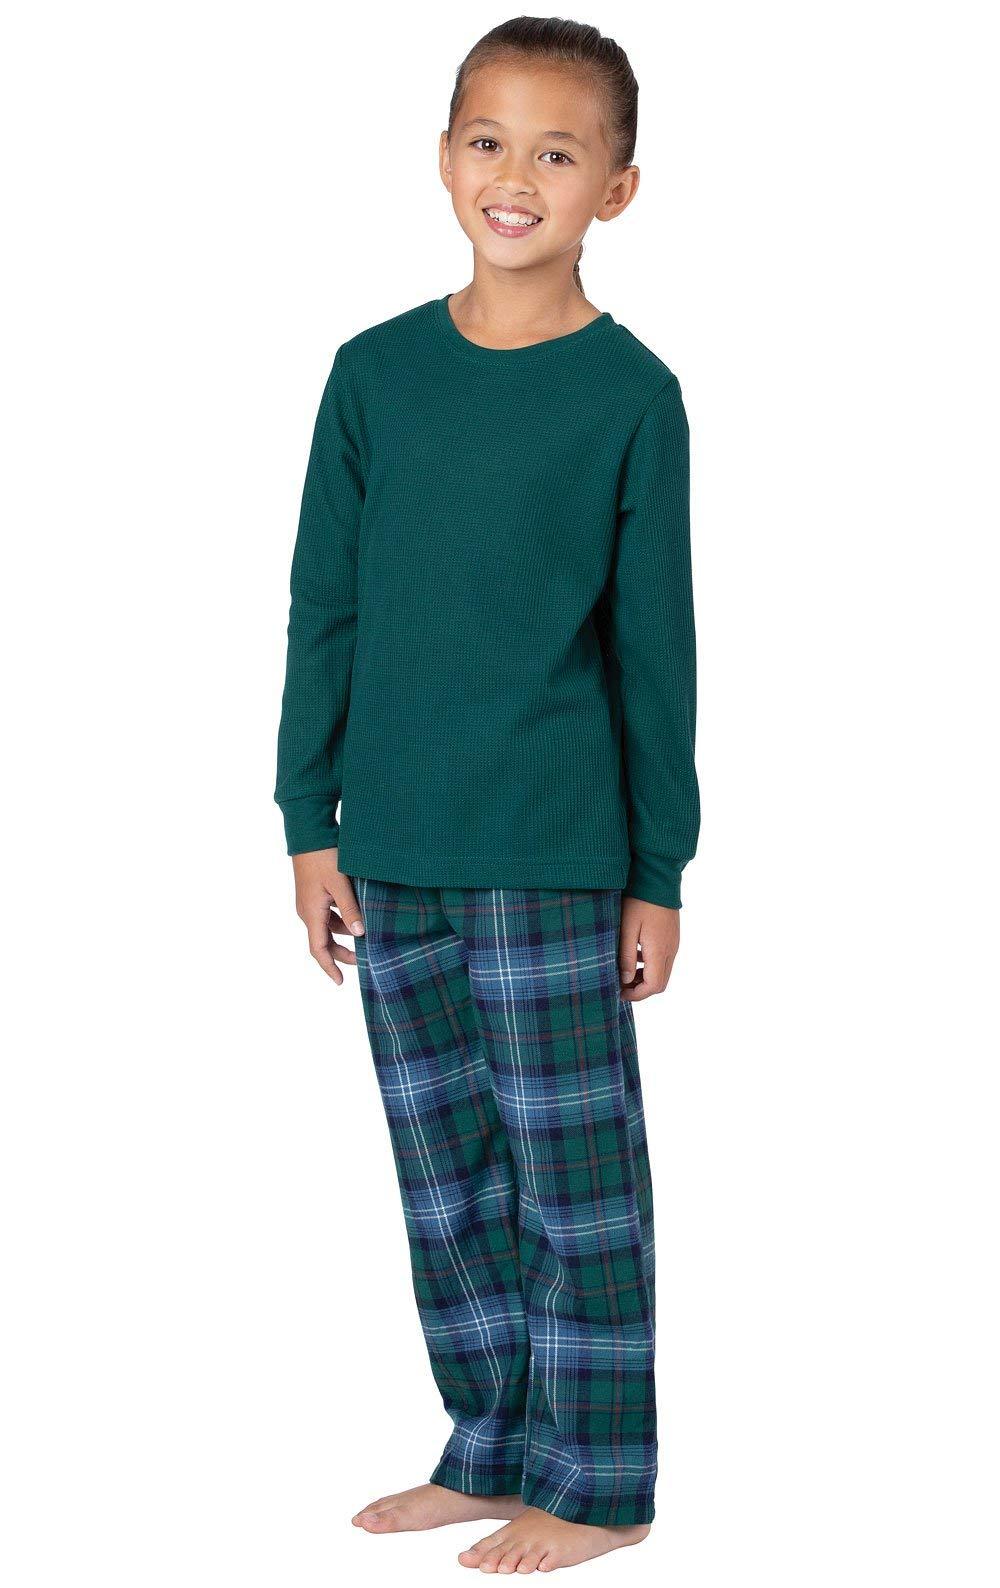 PajamaGram Heritage Plaid Thermal-Top Girls Pajamas 6